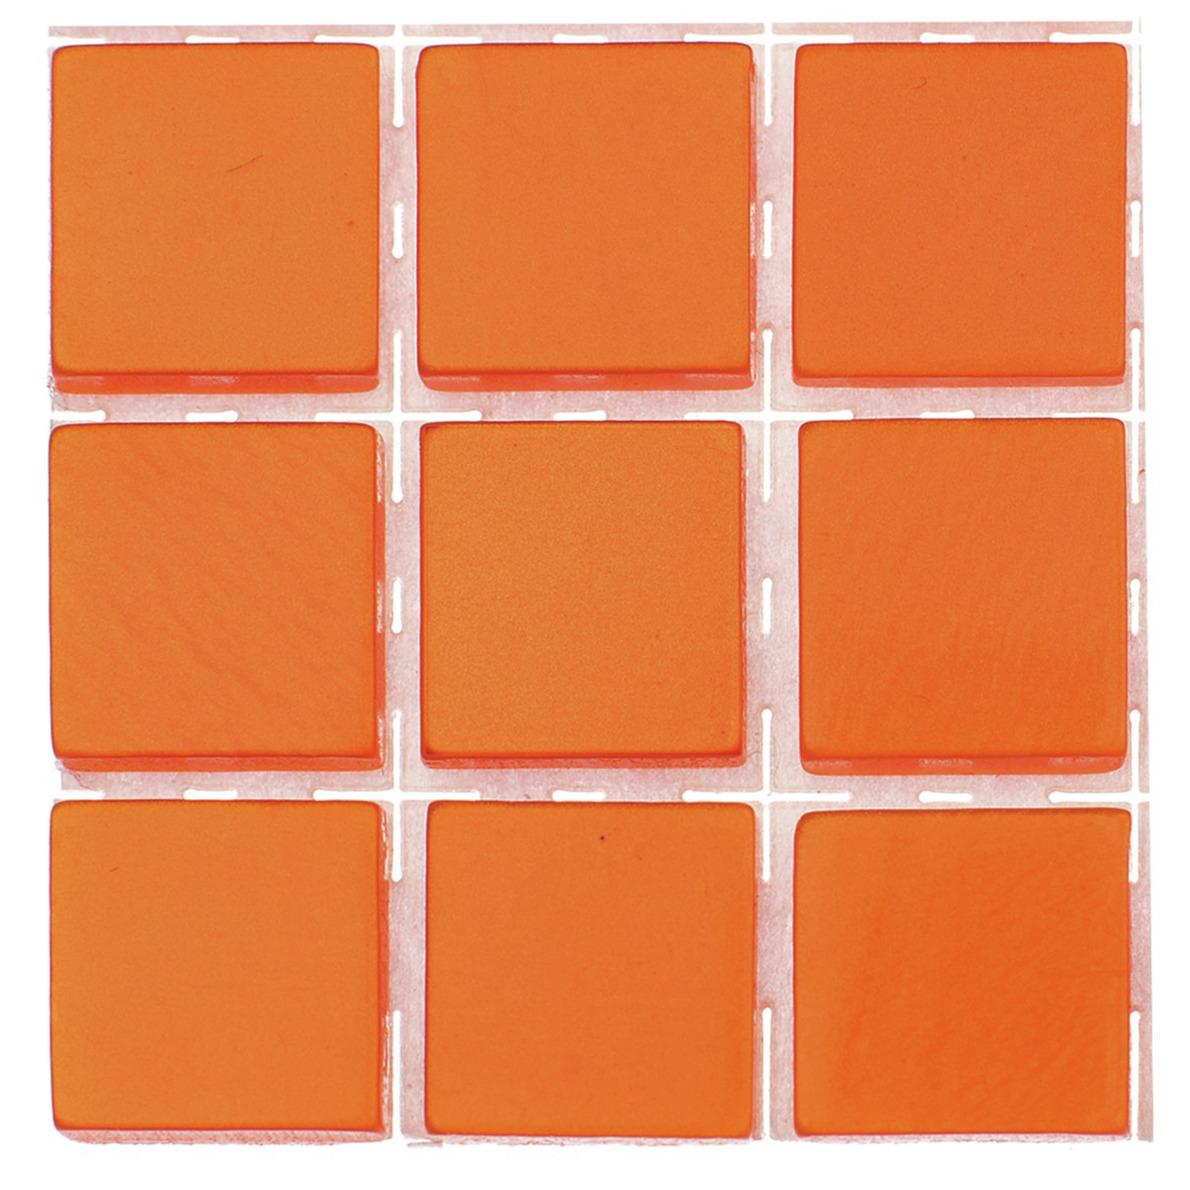 63x stuks mozaieken maken steentjes-tegels kleur oranje 10 x 10 x 2 mm